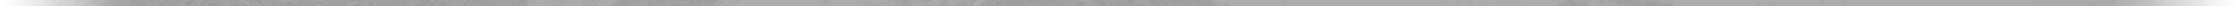 super thin grey line - fadded